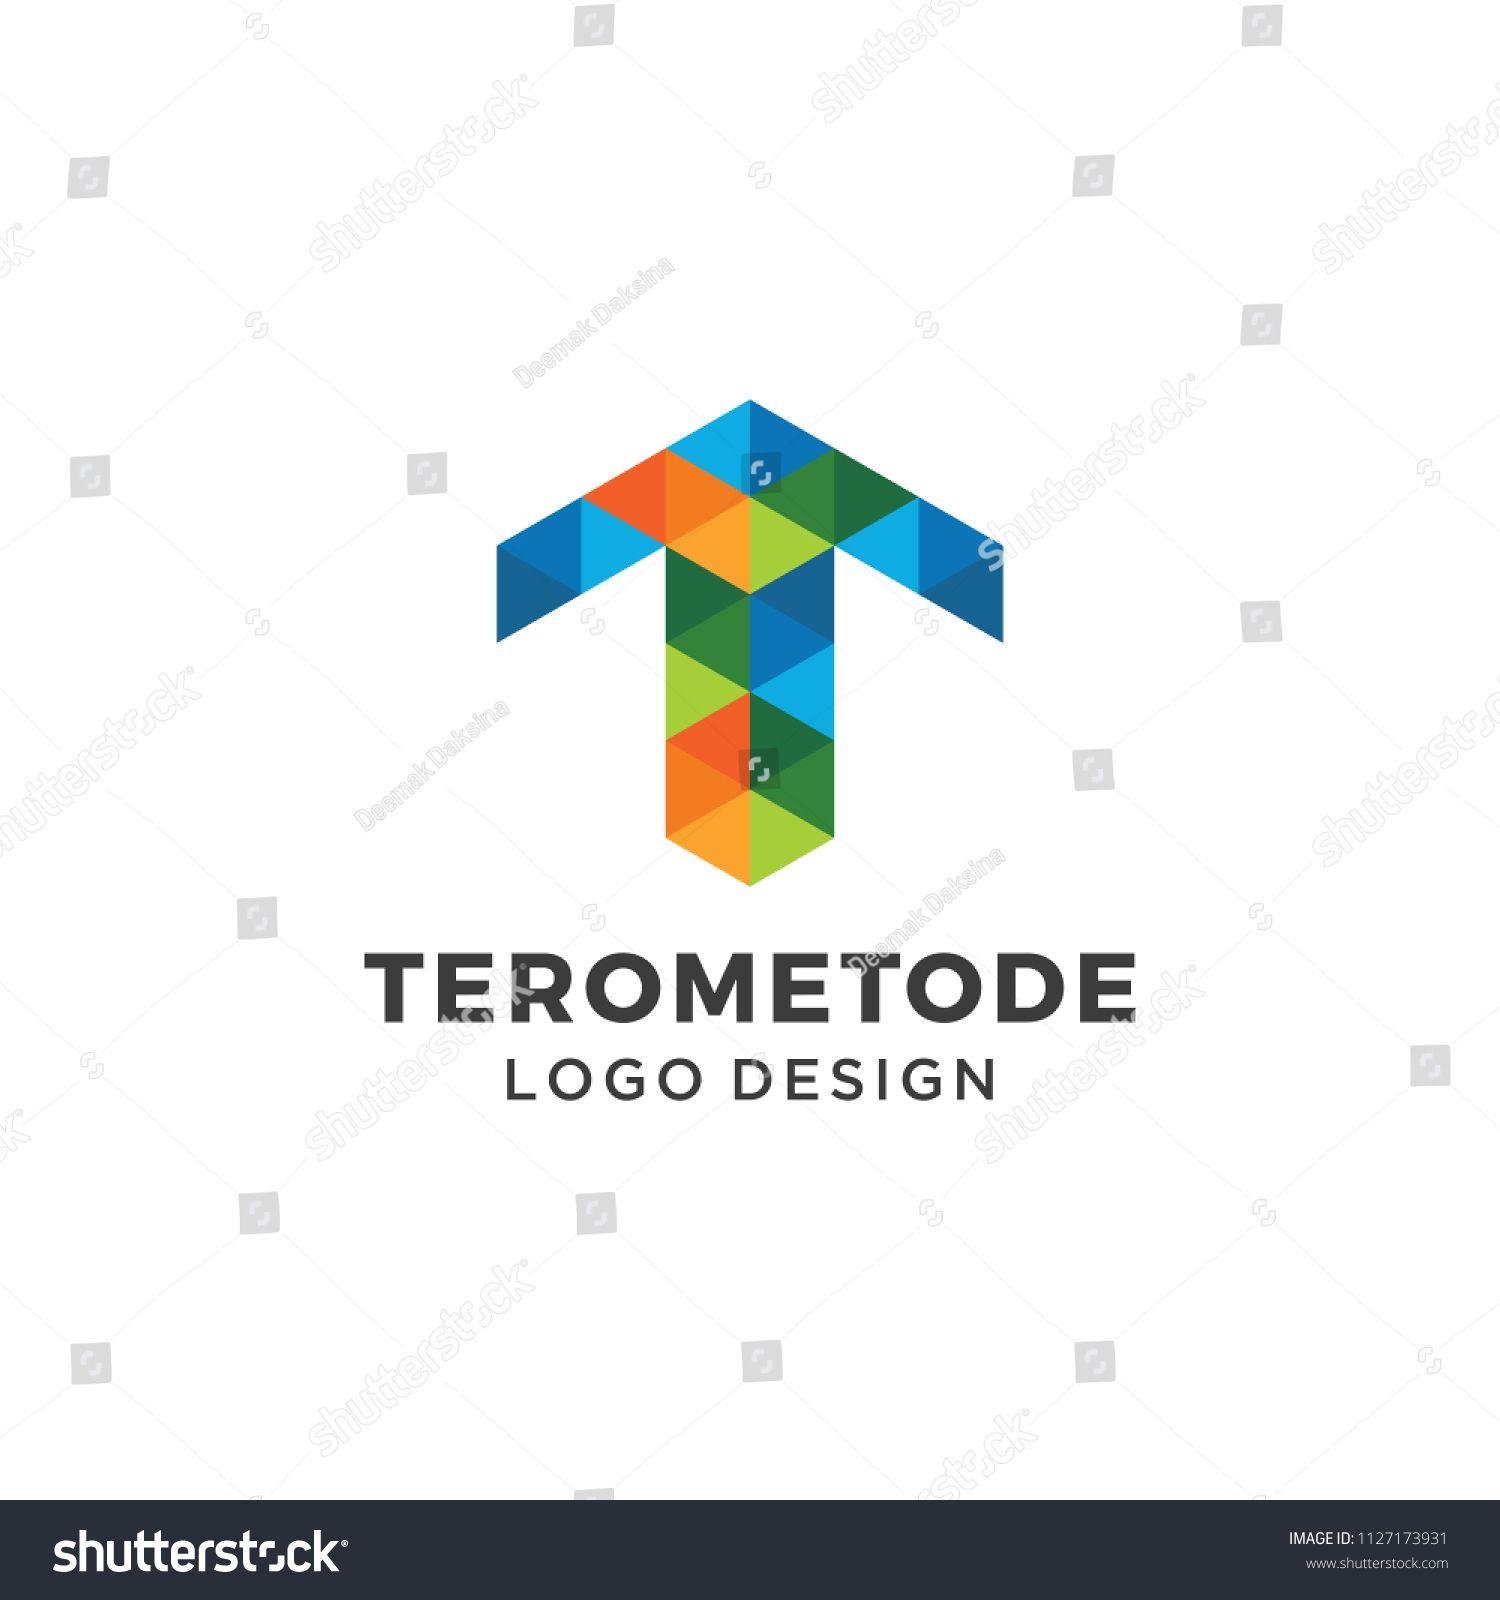 1500x1600 Letter T Logo Design. T, Geometric, Hexagon, Vector, Modern